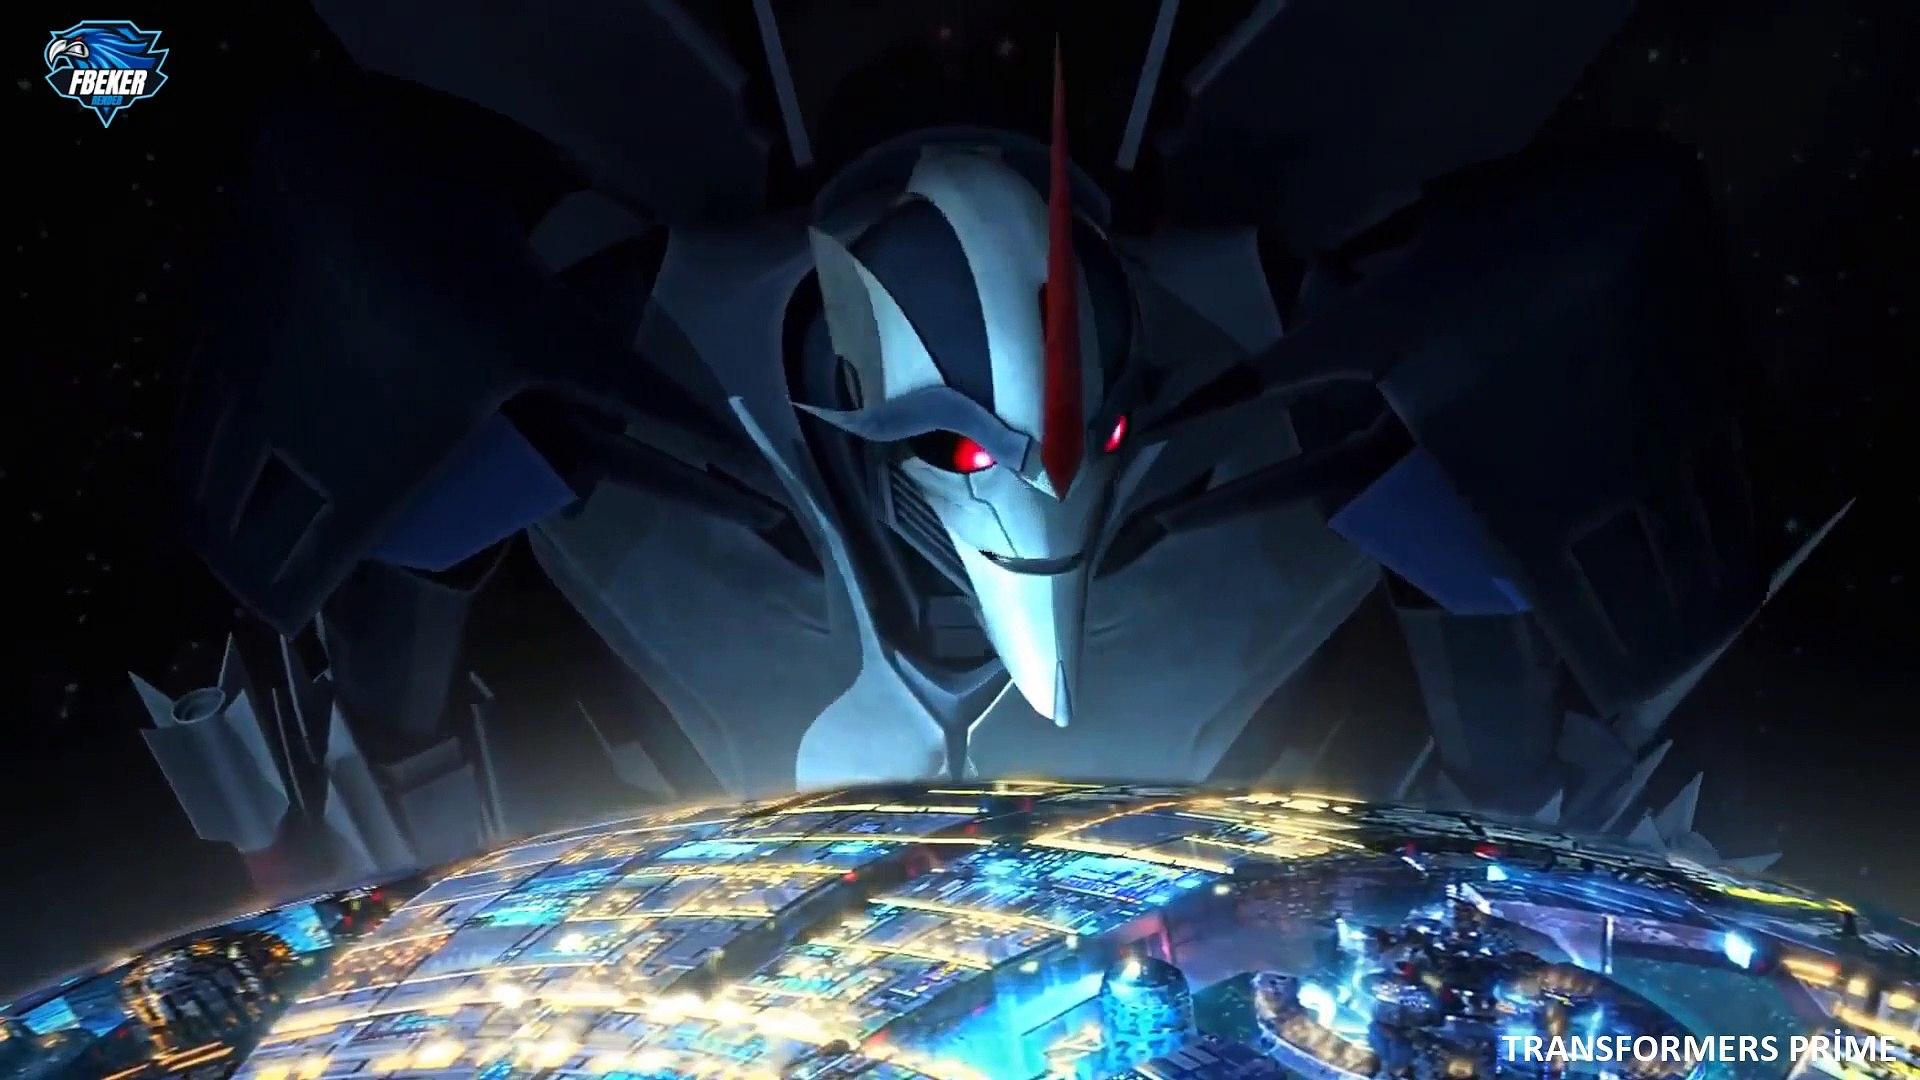 Transformers Prime 49.Bölüm İş İçinde Full Hd